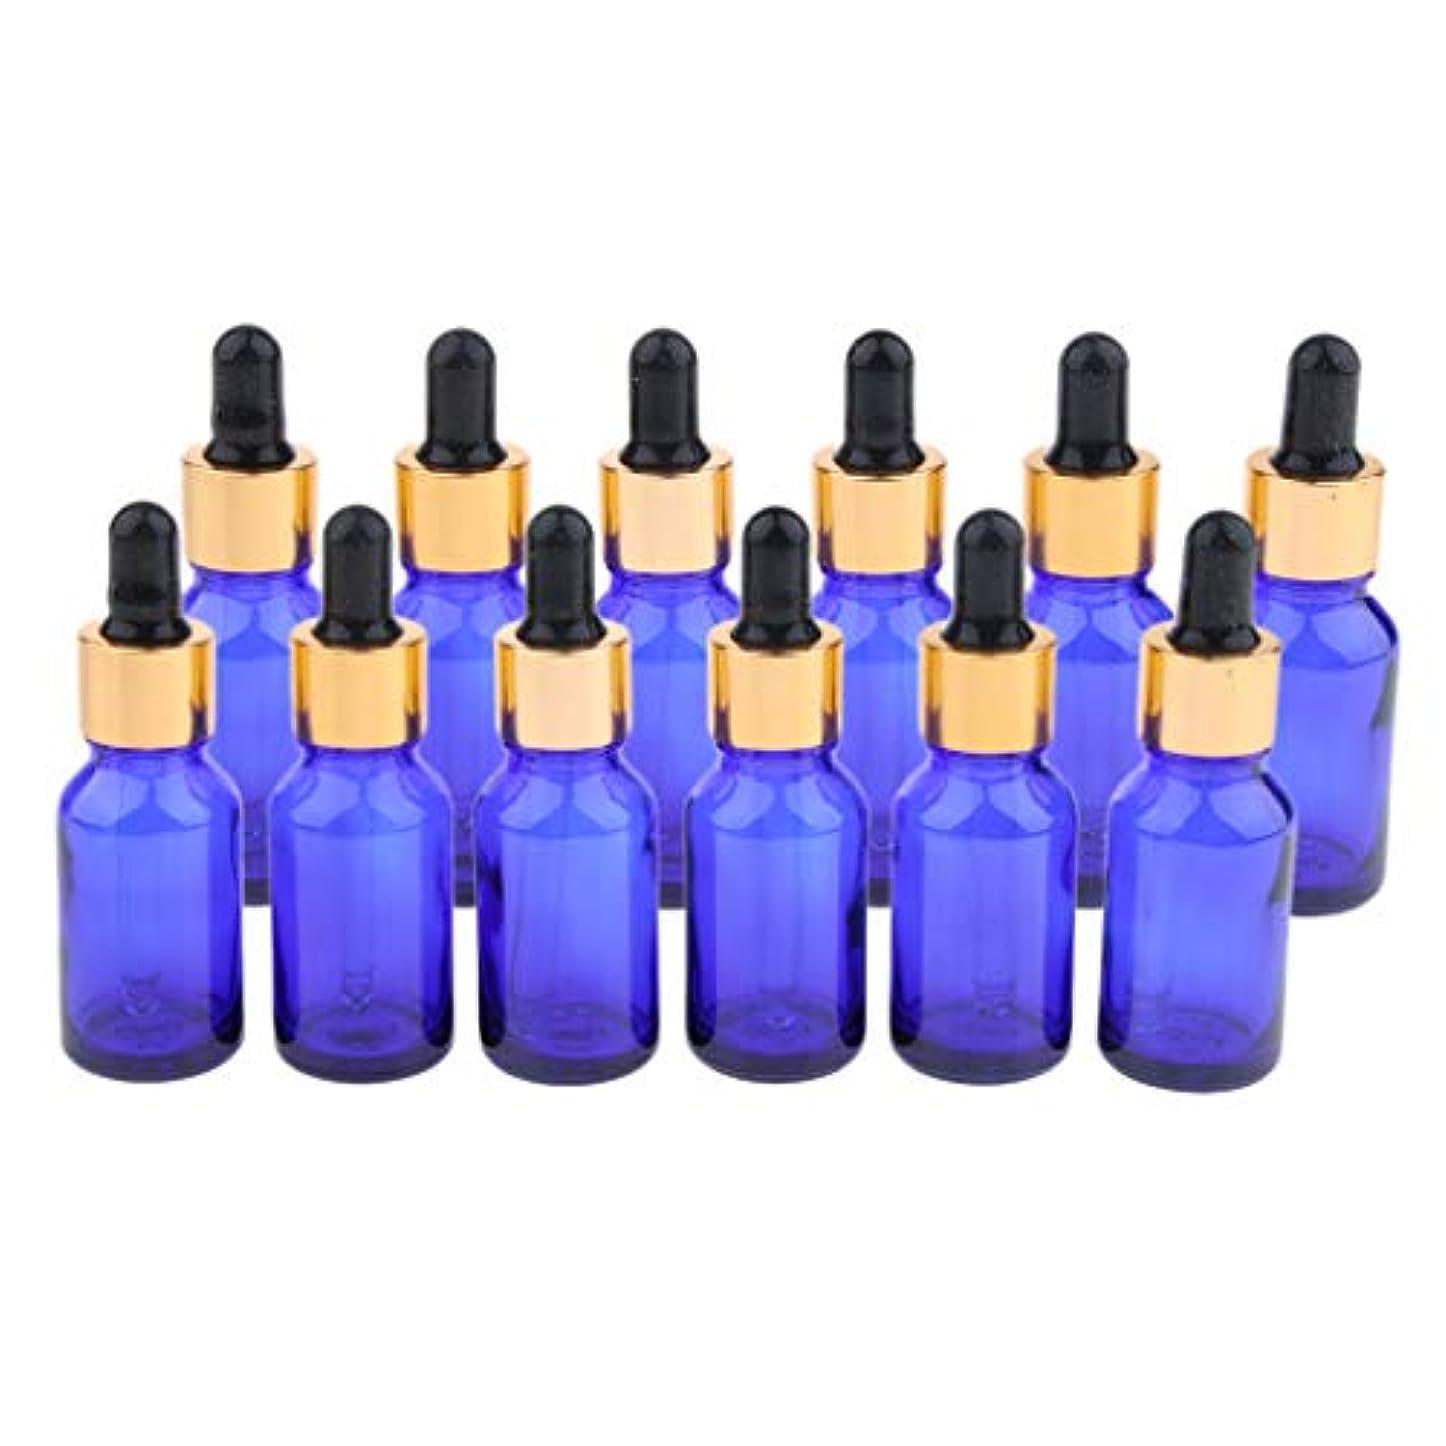 高度な移植動詞ガラス ドロッパーボトル エッセンシャルオイル スポイト付き 遮光瓶 アロマオイル瓶 12個セット